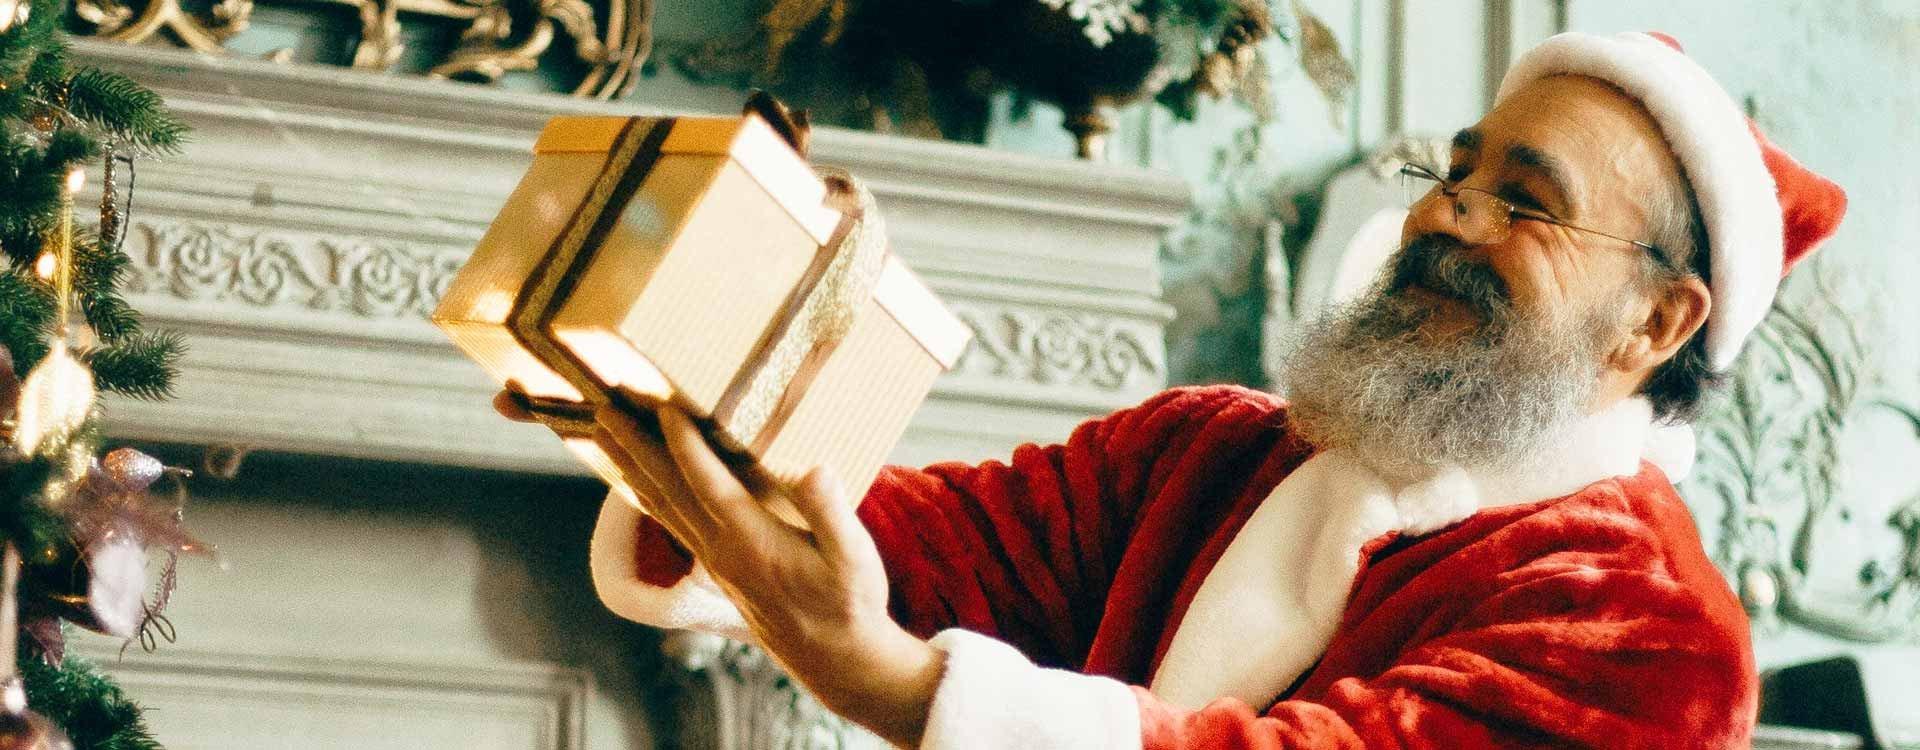 Kto przynosi prezenty pod choinkę?